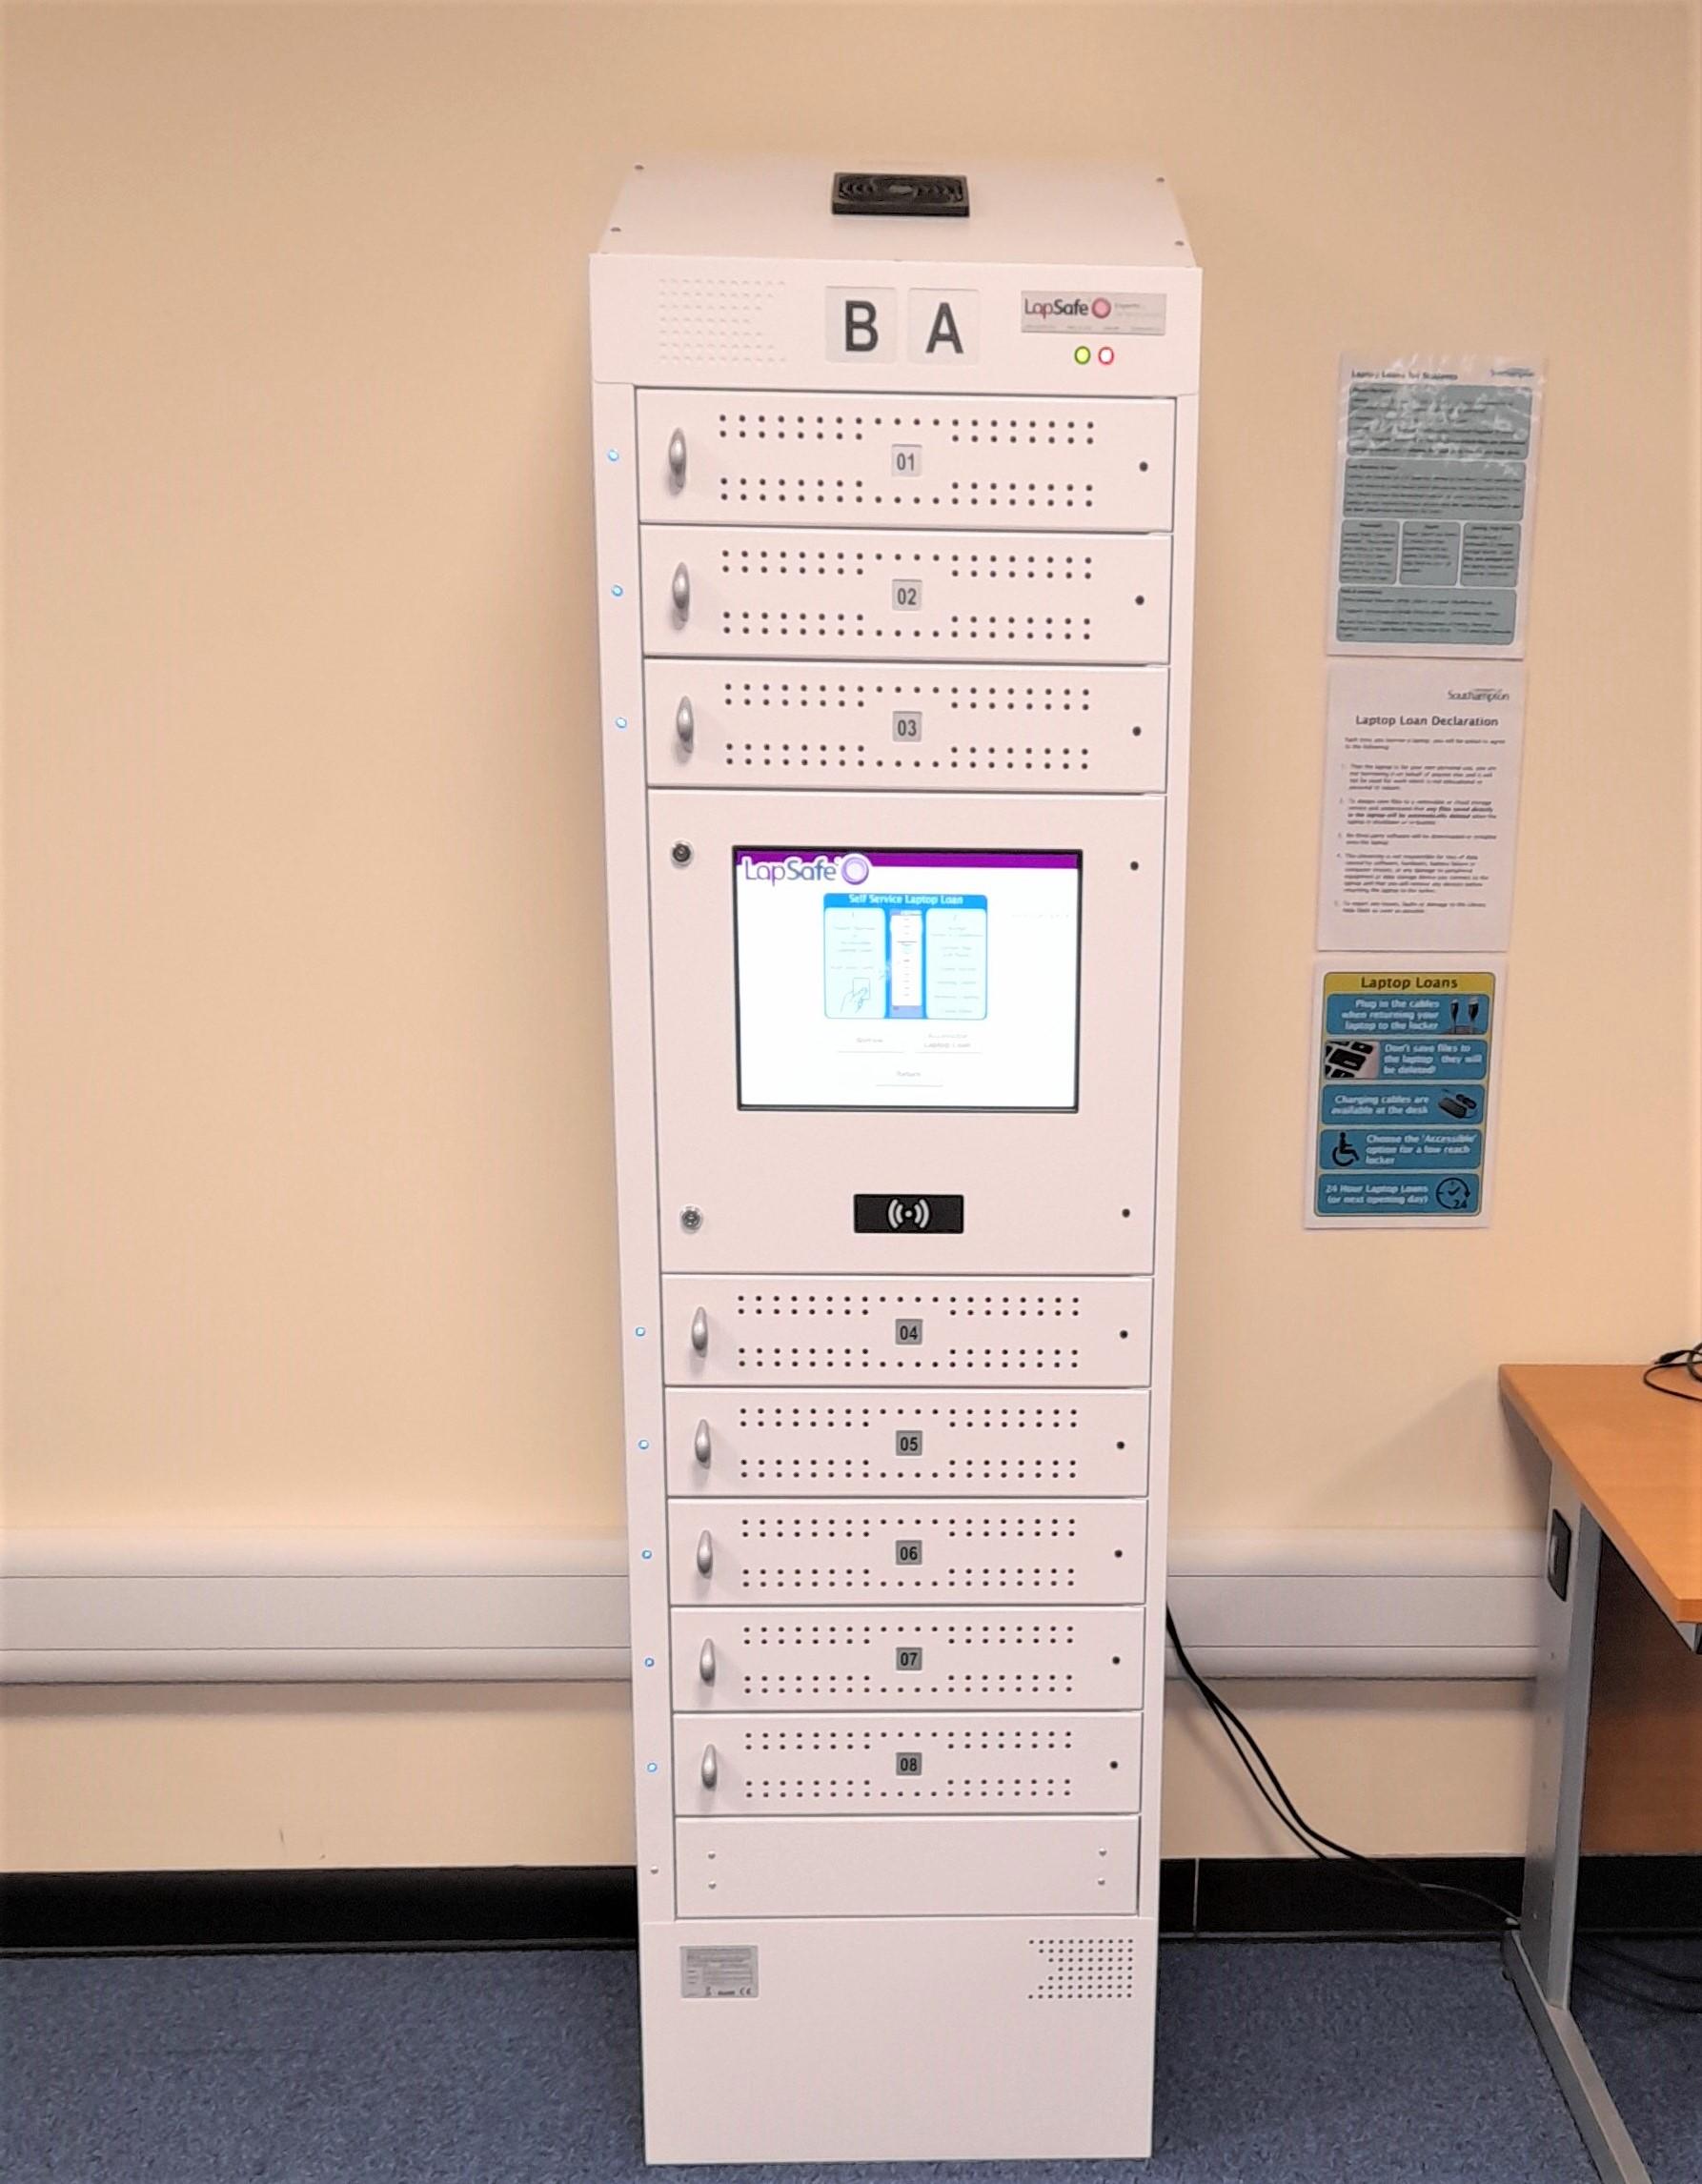 Laptop locker